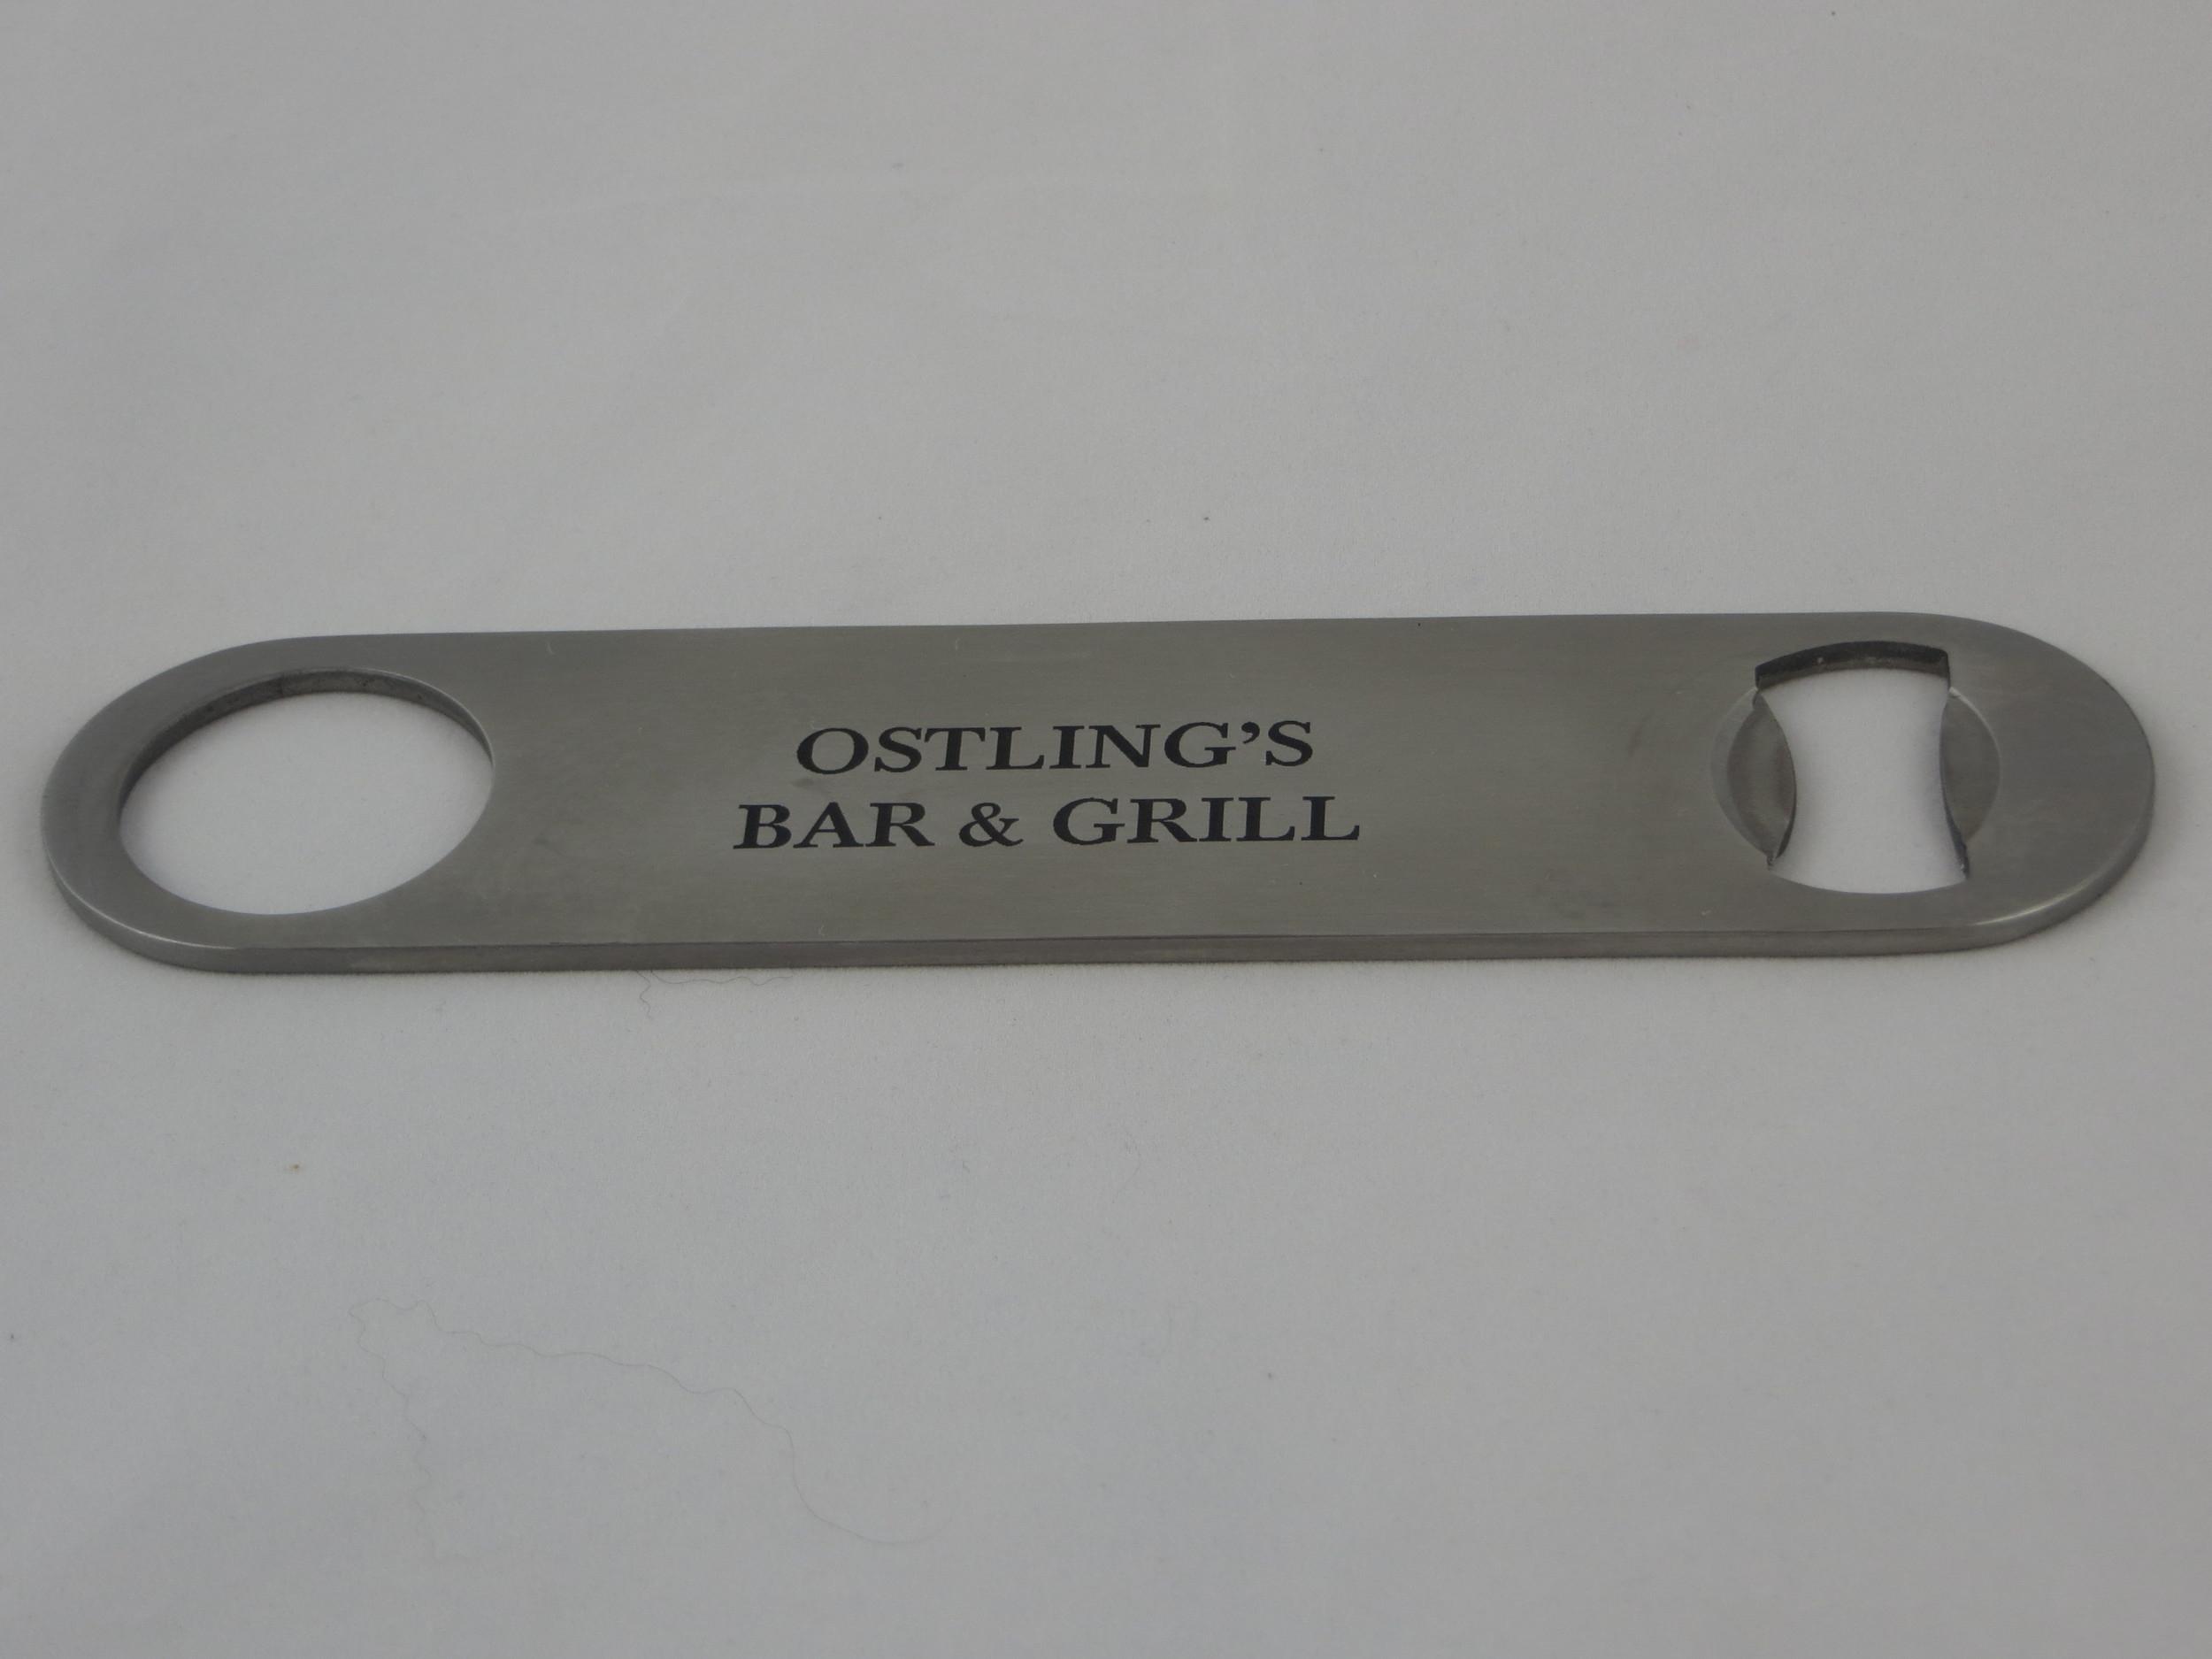 laser engraved stainless steel bottle opener